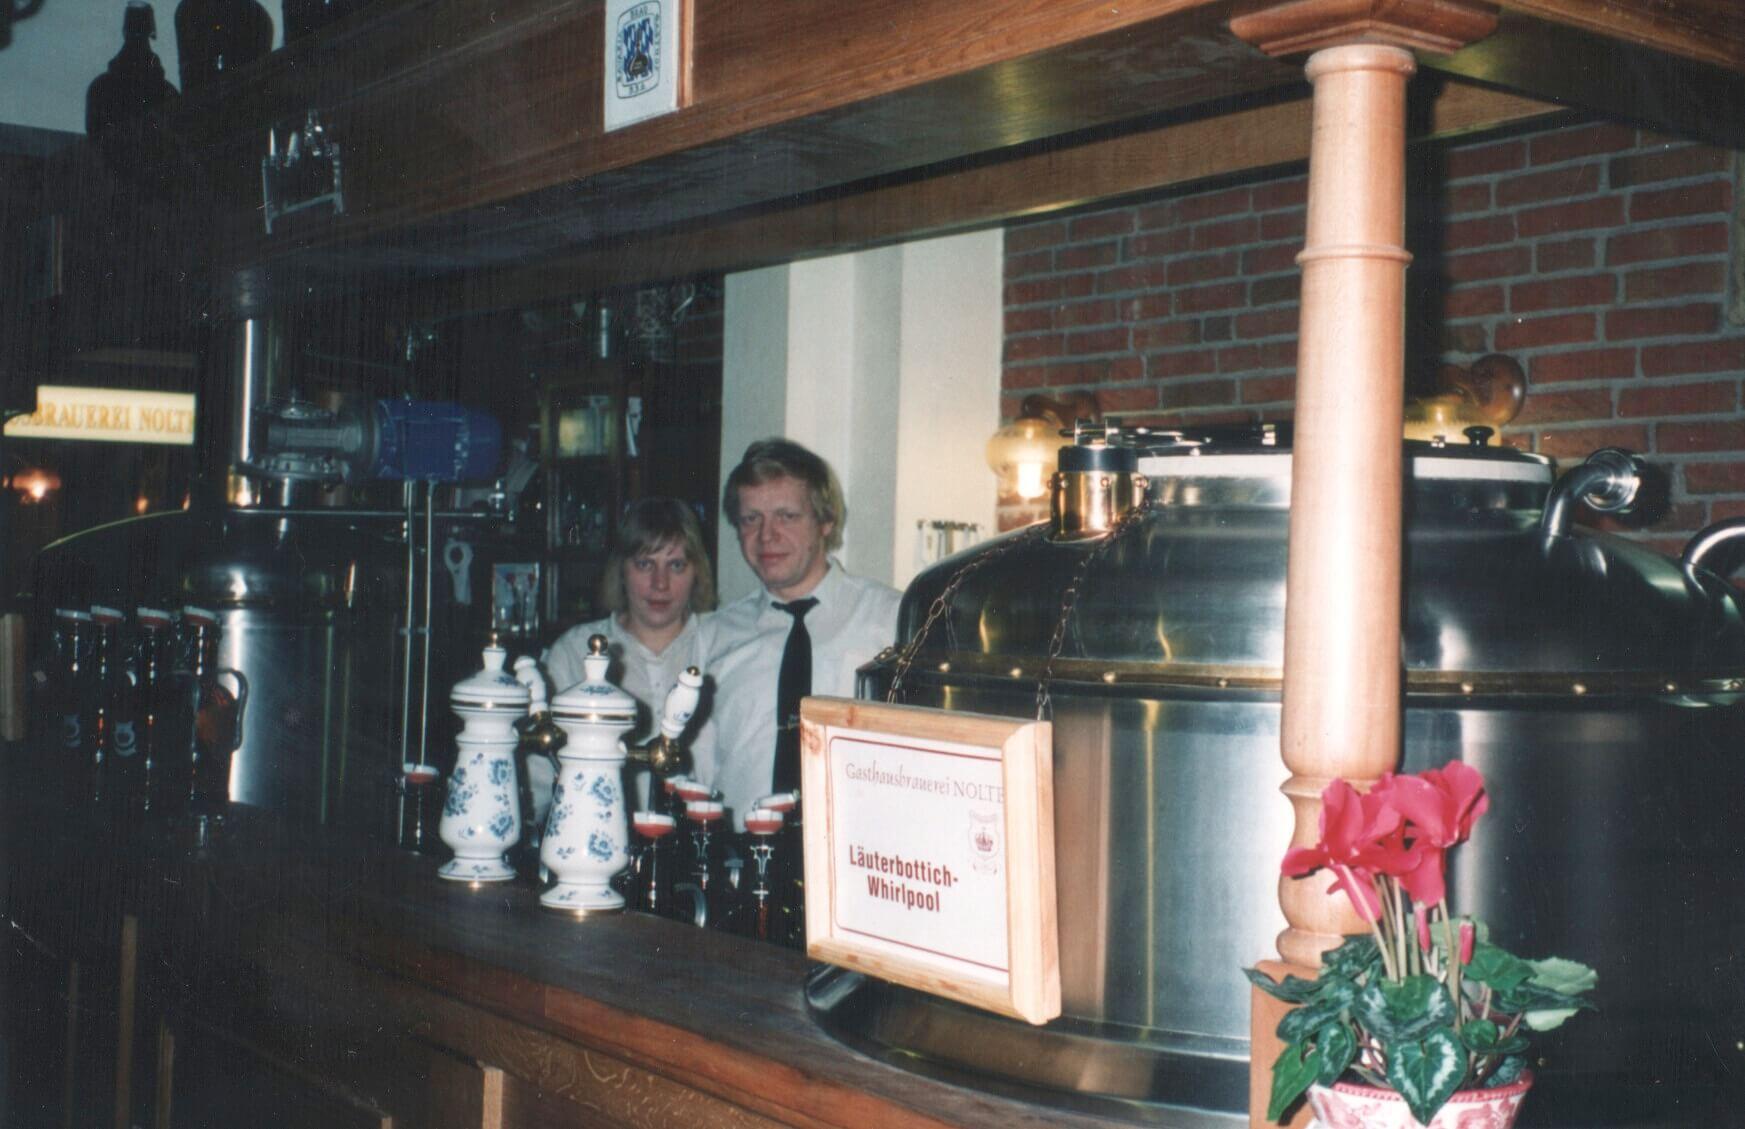 Brauhaus Nolte - Brauerei 1993